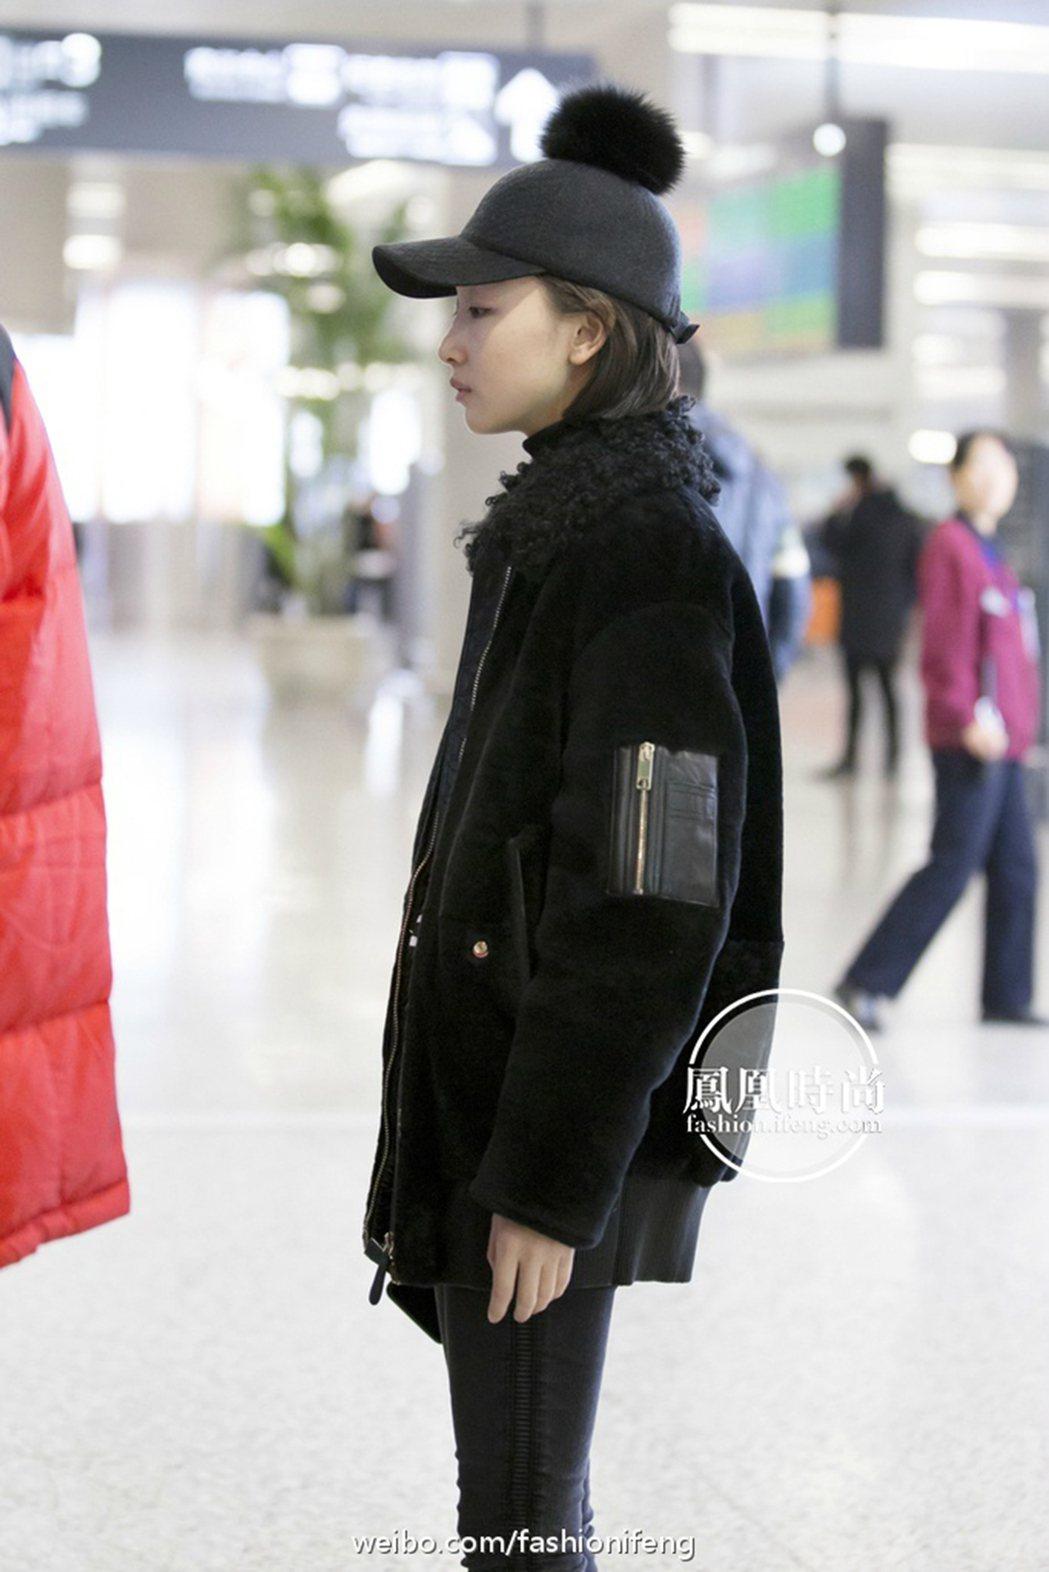 周冬雨穿全黑包緊緊,但頭上鴨舌帽頂的毛球相當吸睛。圖/摘自鳳凰時尚微博